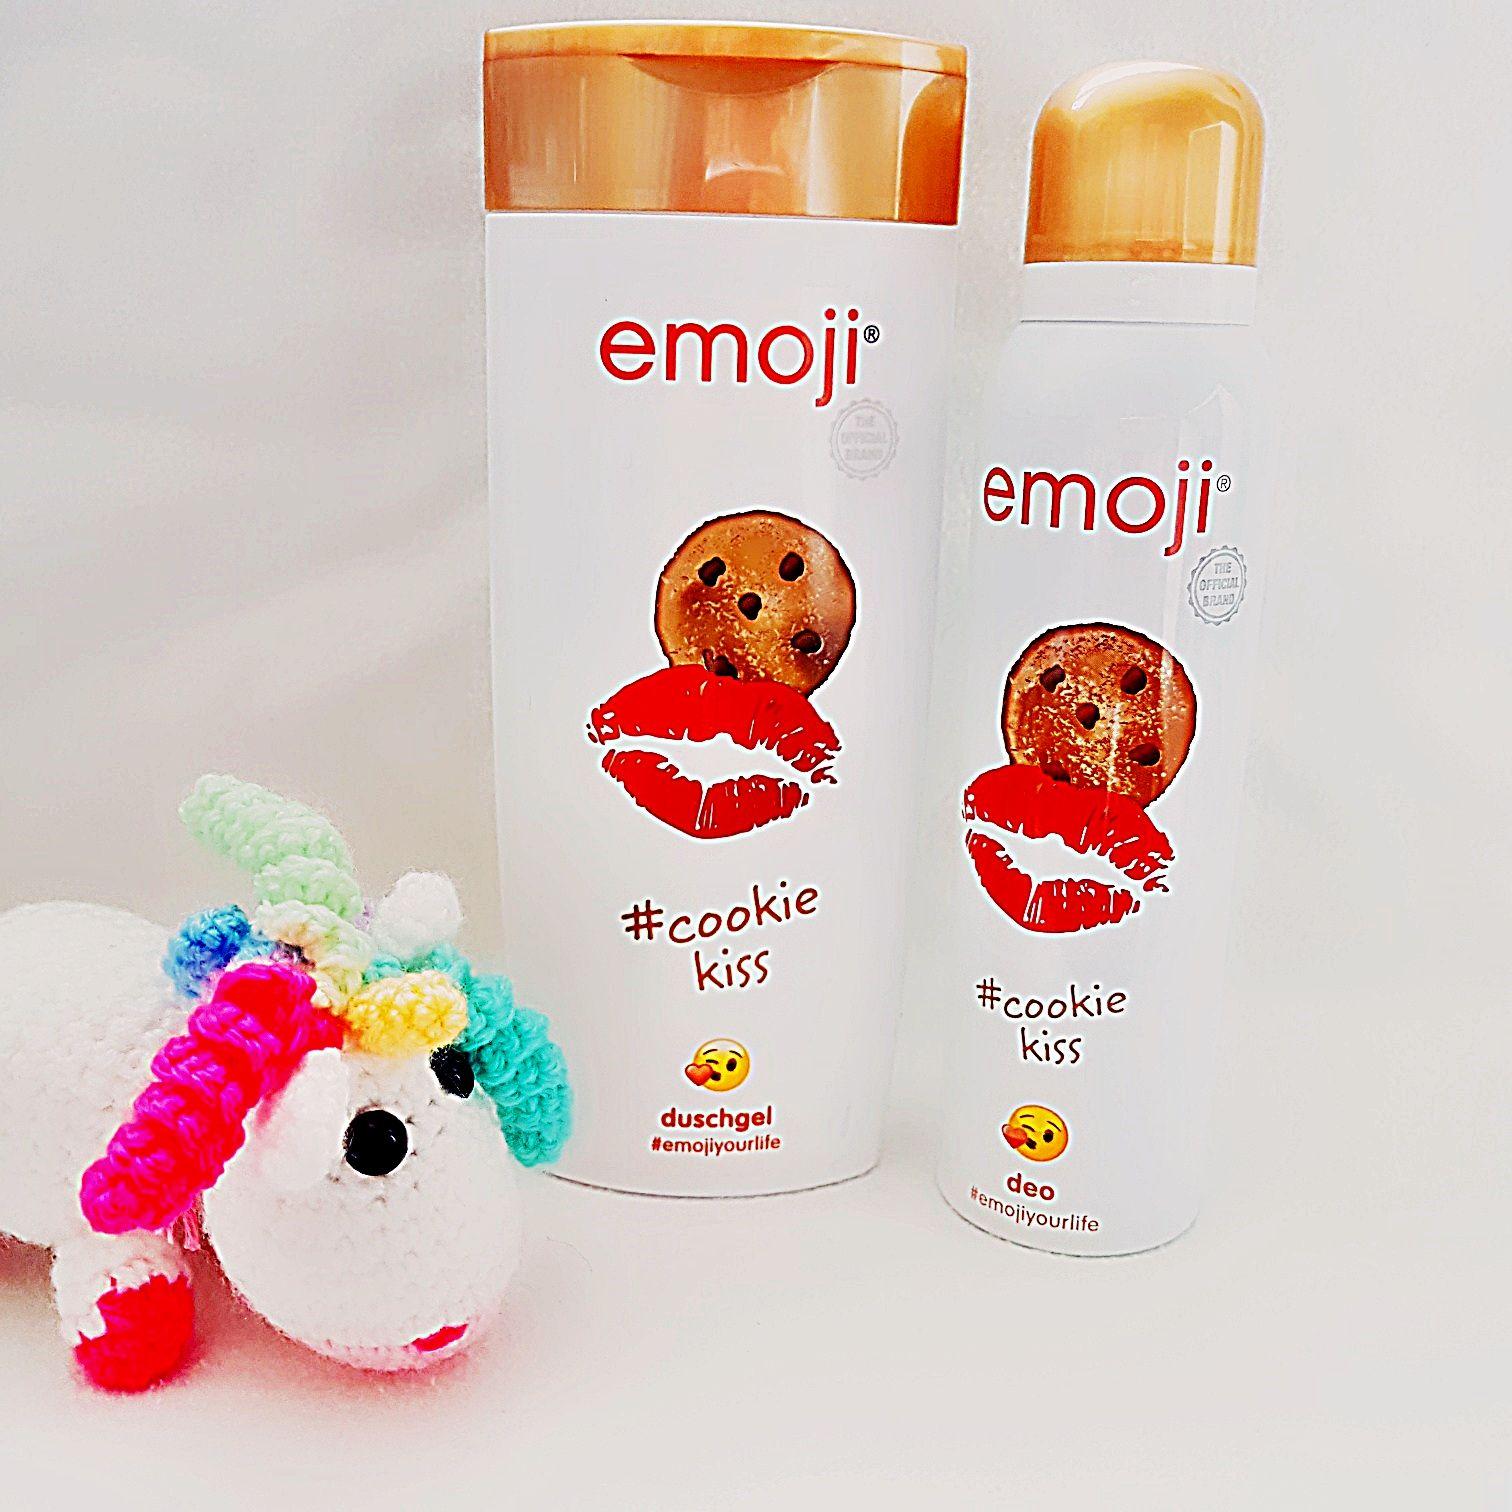 emoji cookiekiss Duschgel und Deospray